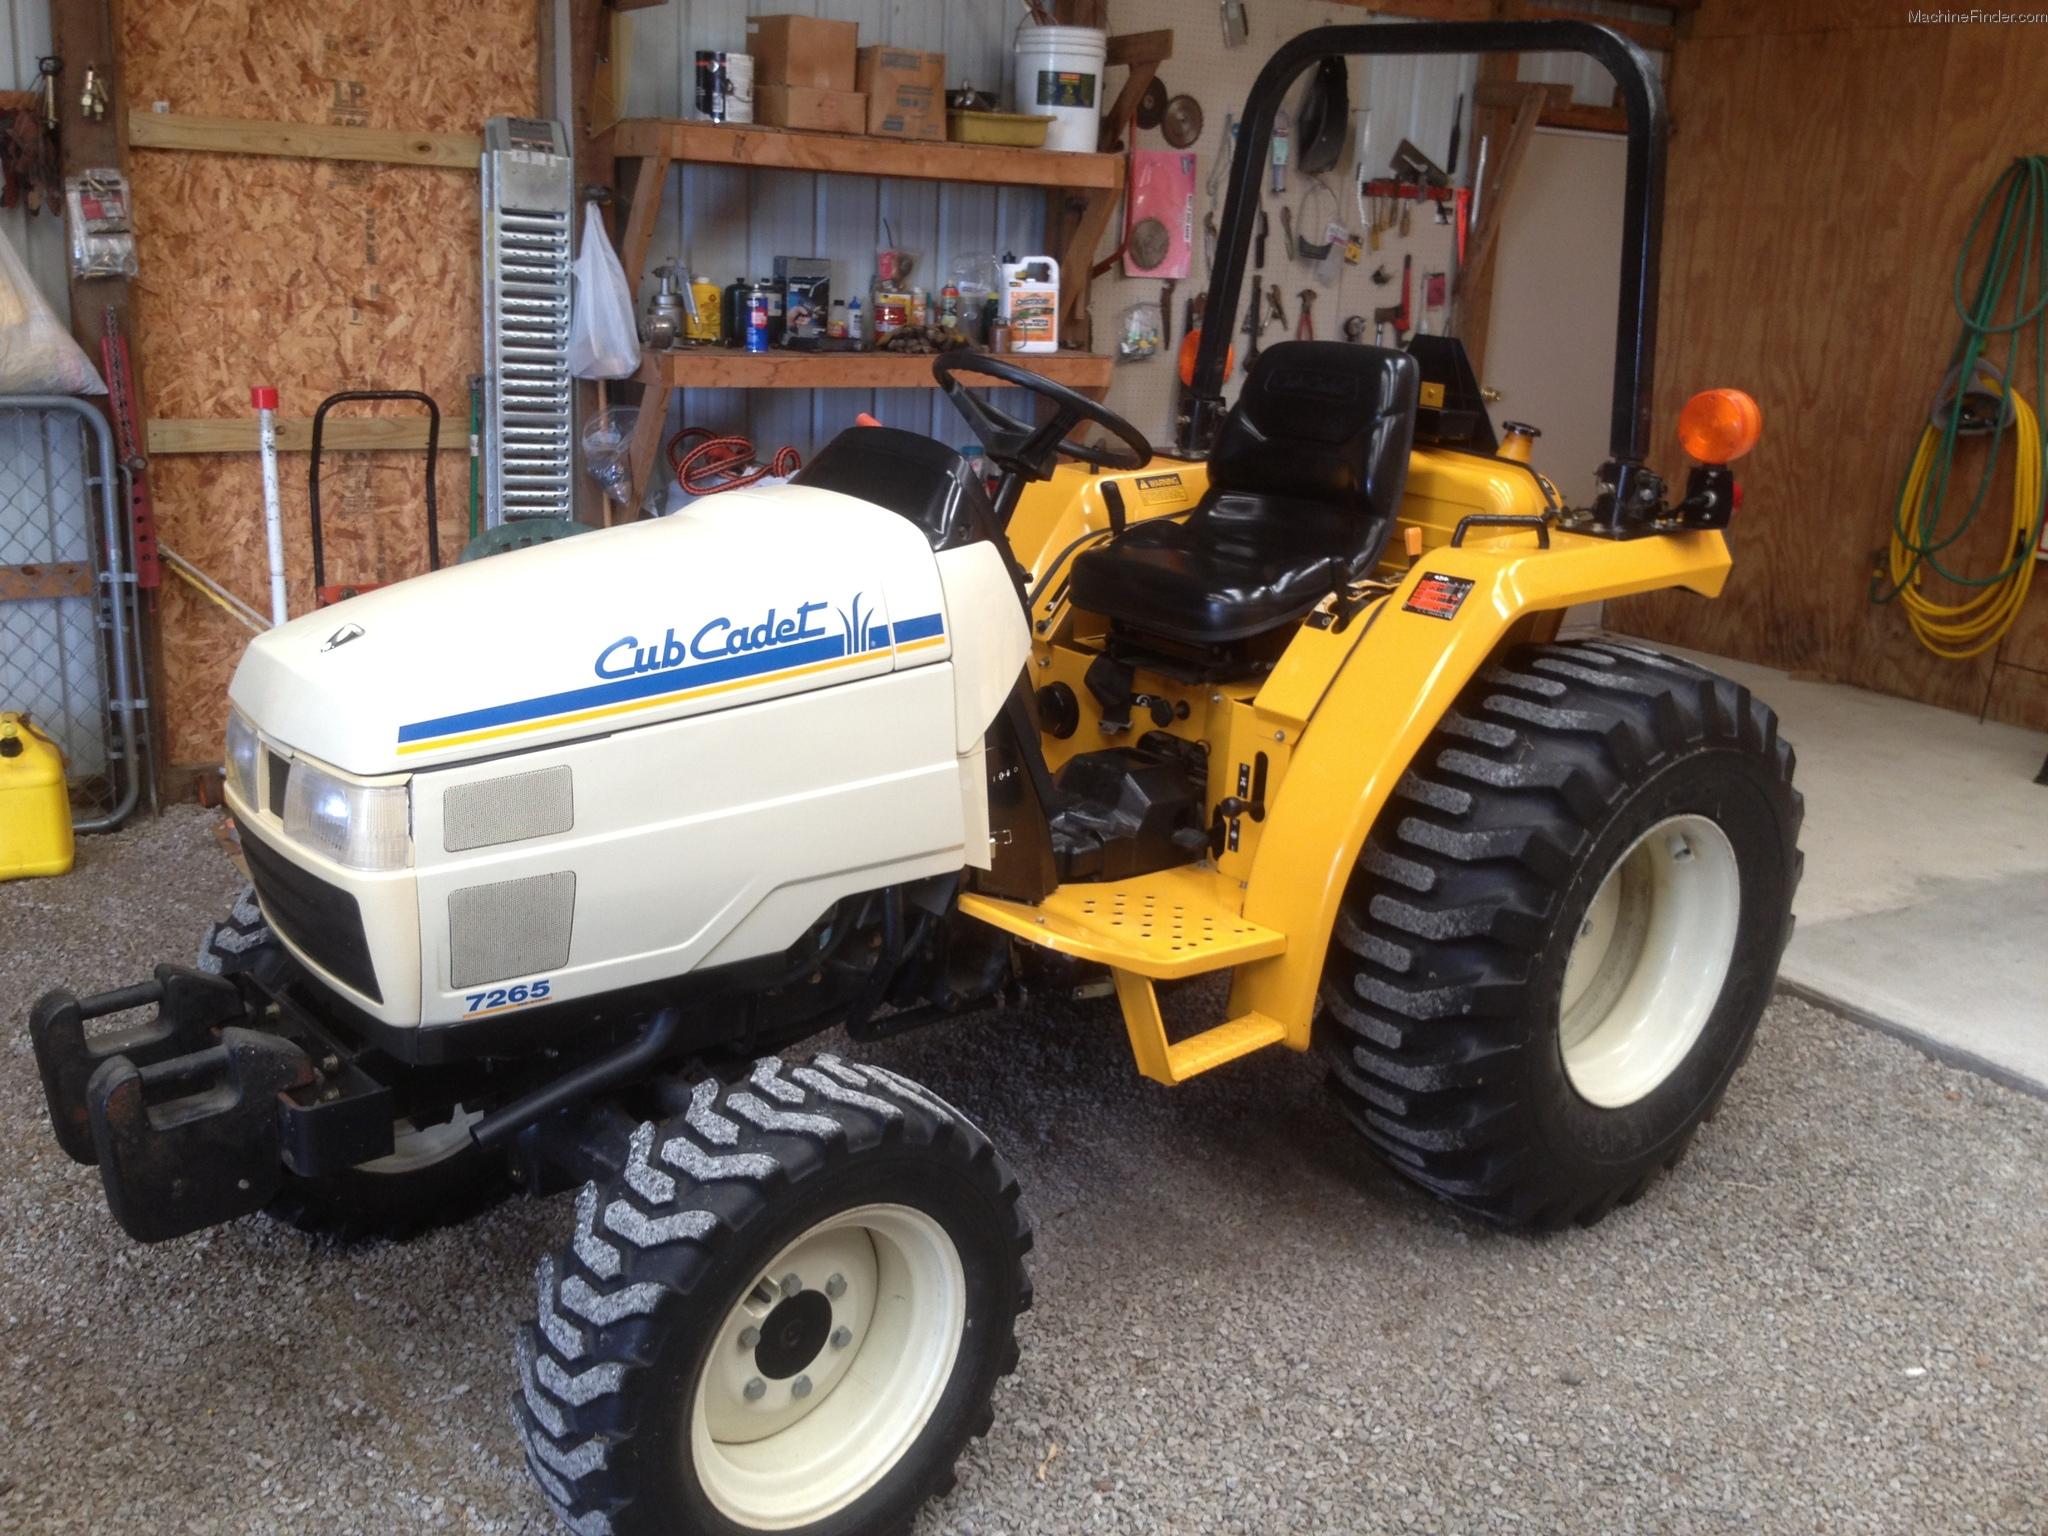 Cub Cadet Compact Tractors : Cub cadet tractors compact hp john